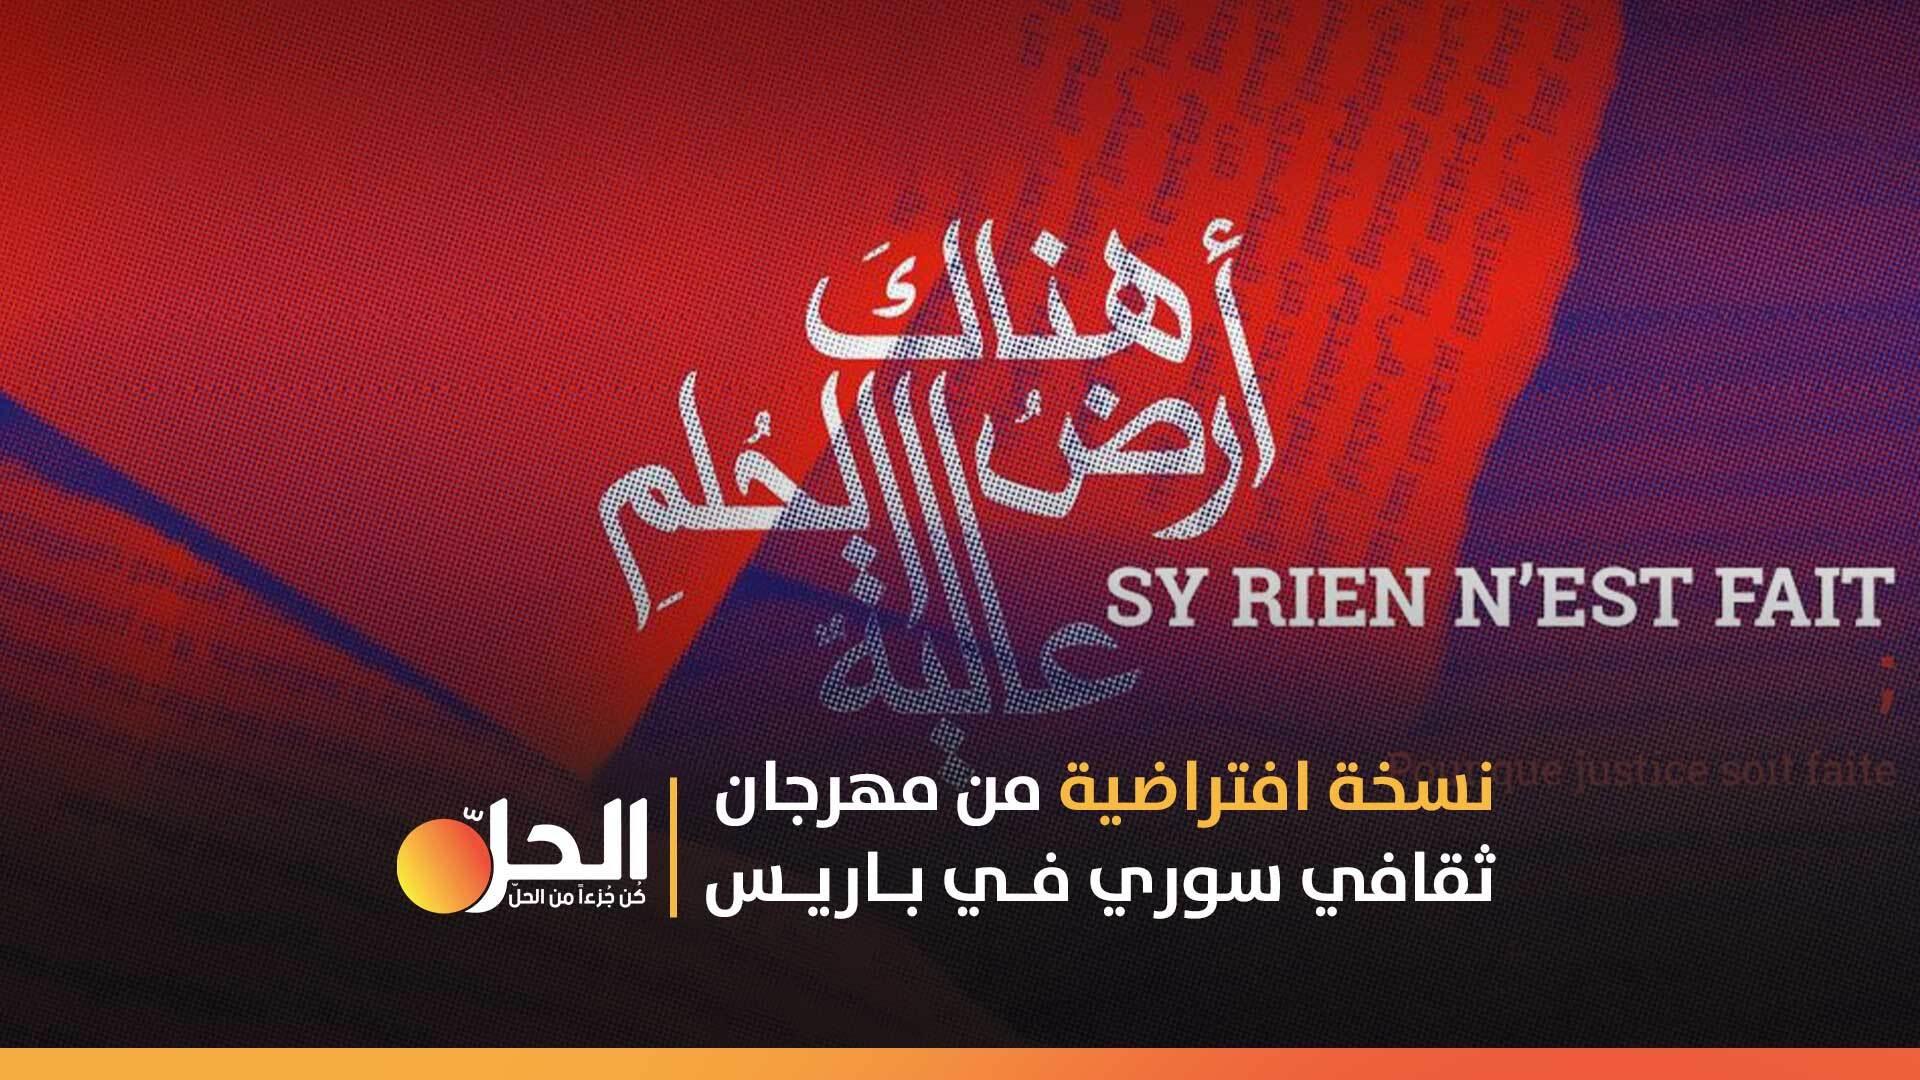 نسخة افتراضية من مهرجان Syrien n'est fait  الثقافي في باريس